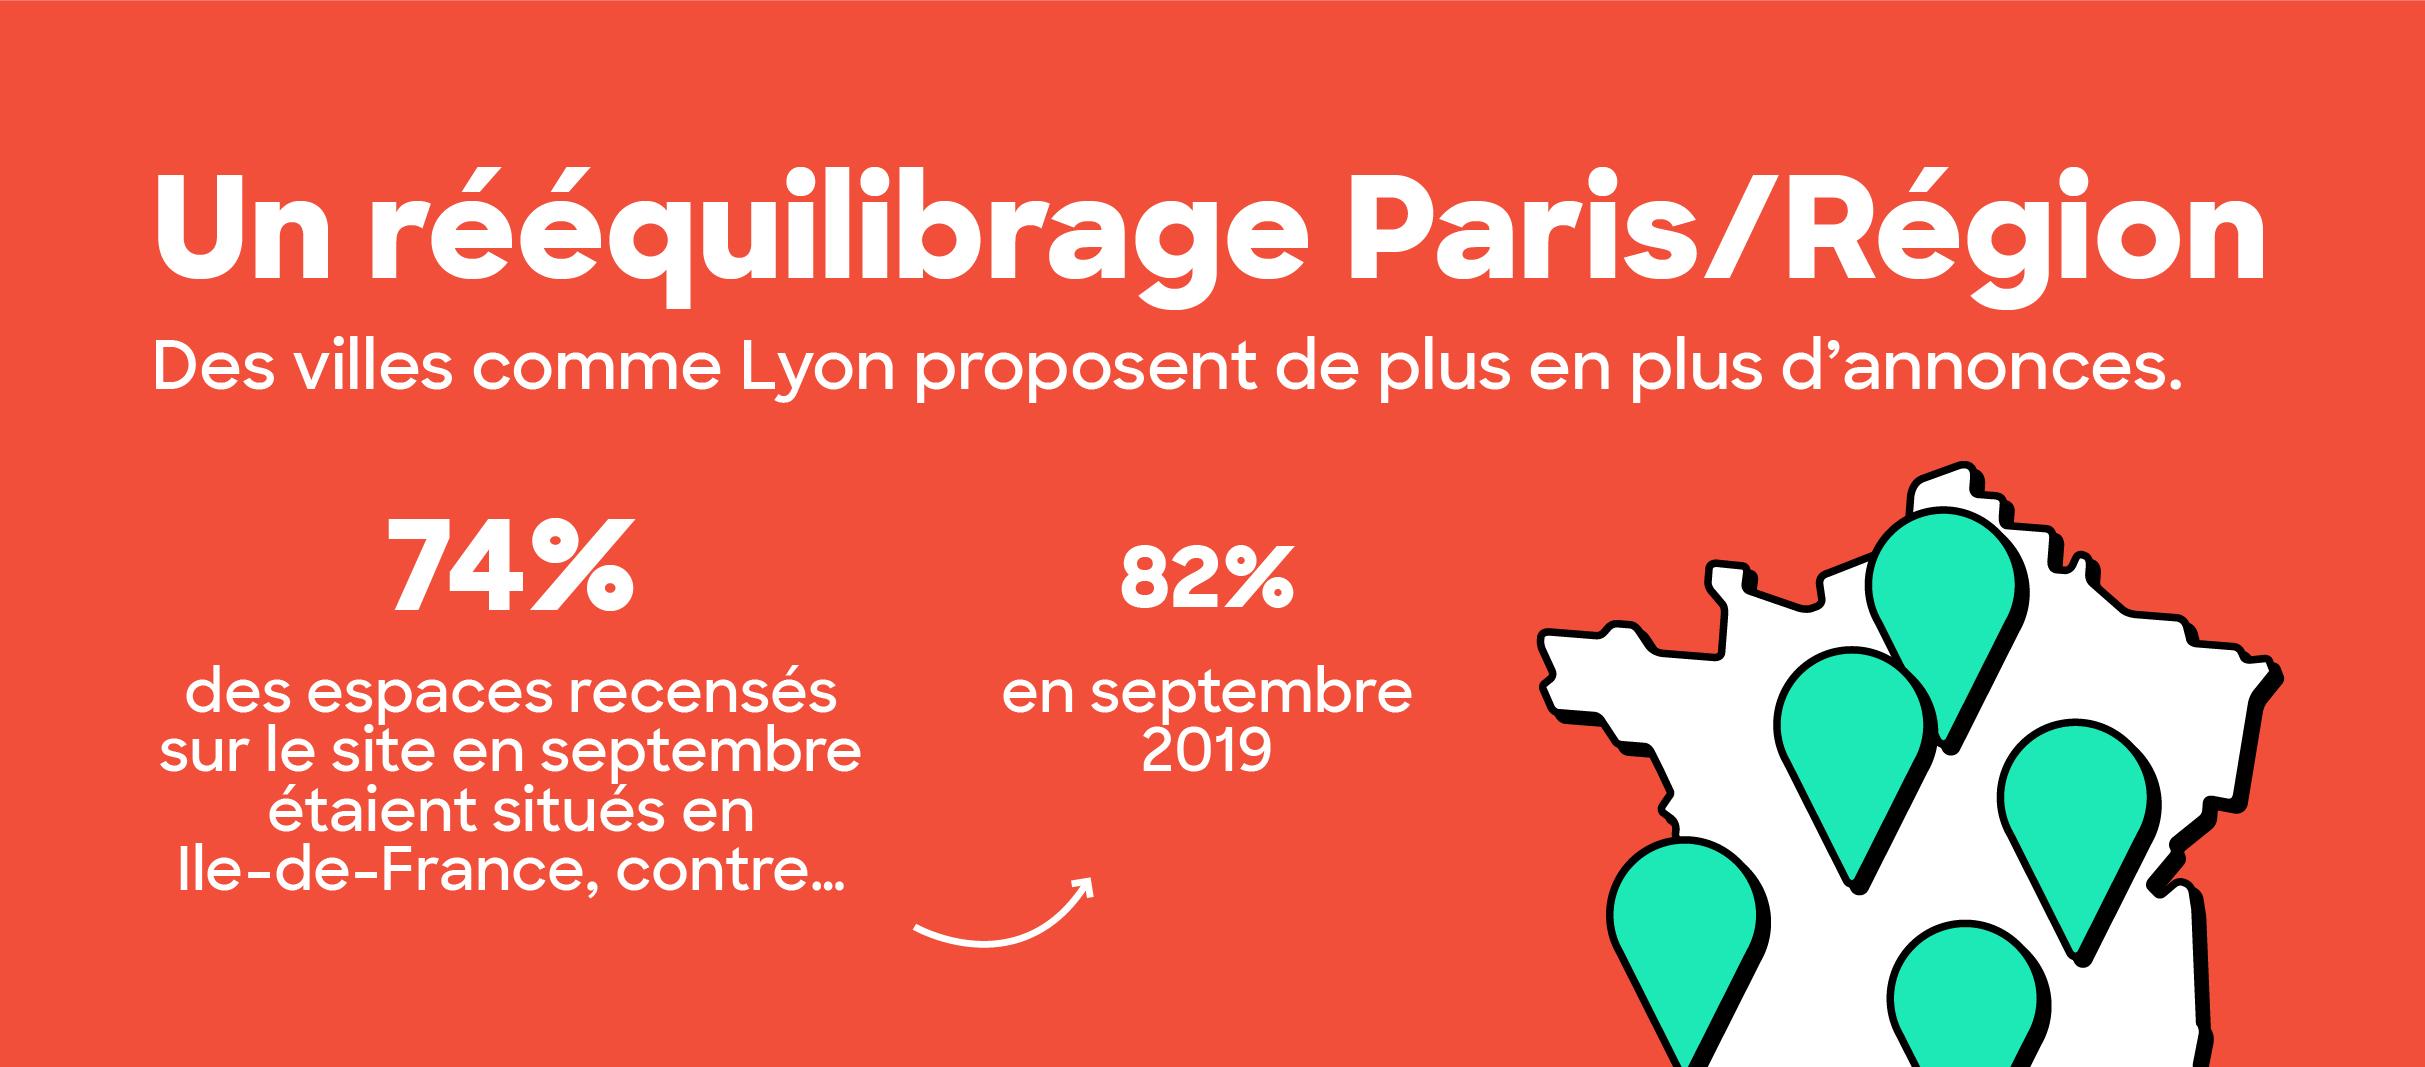 immobilier de bureaux reequilibrage paris province